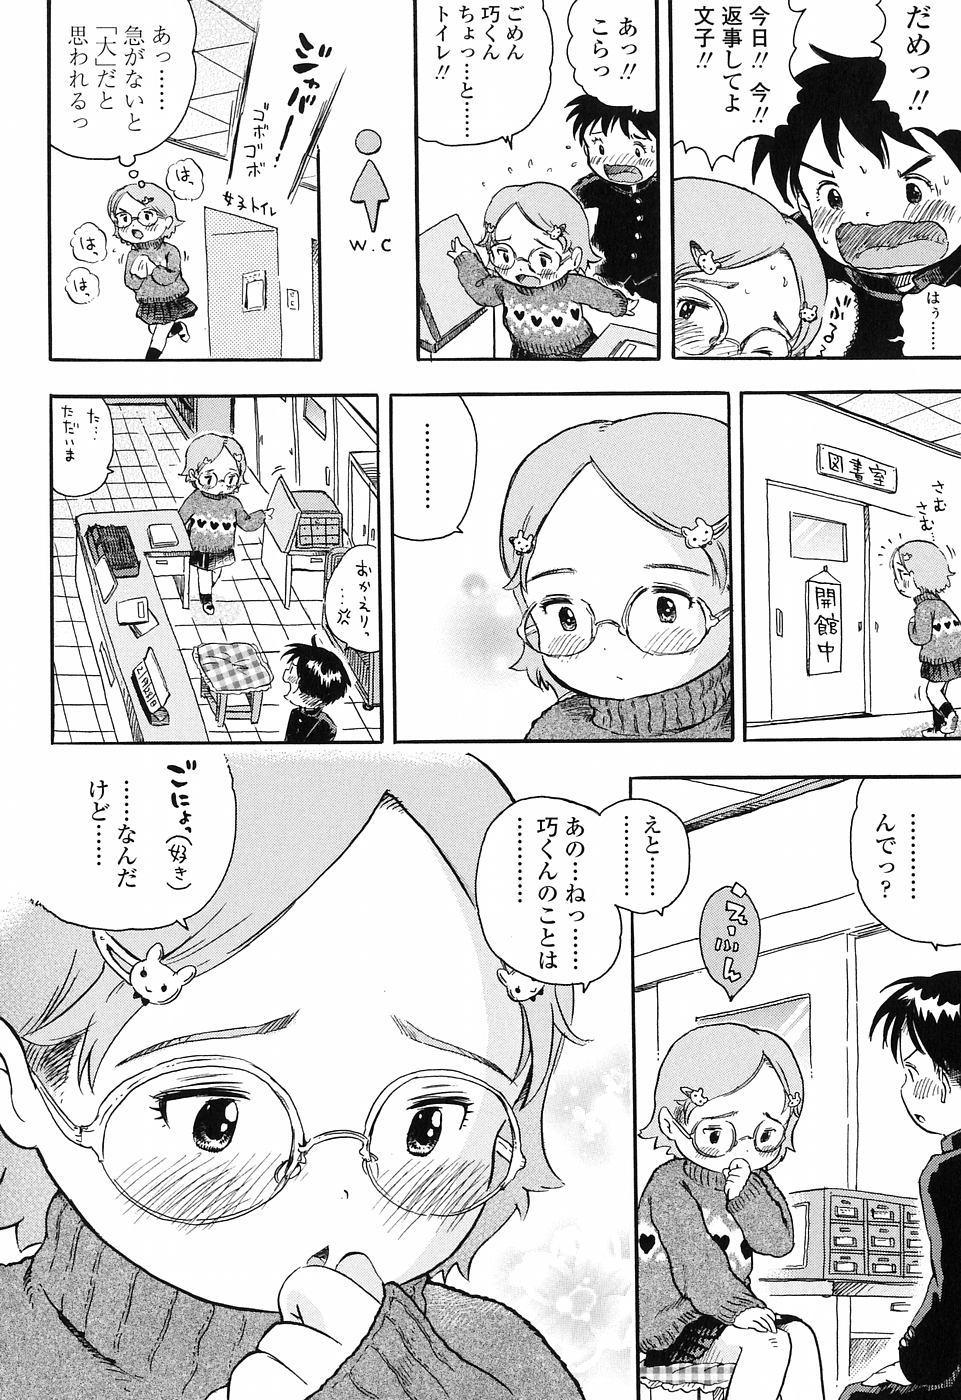 Koisuru Fukurami 127